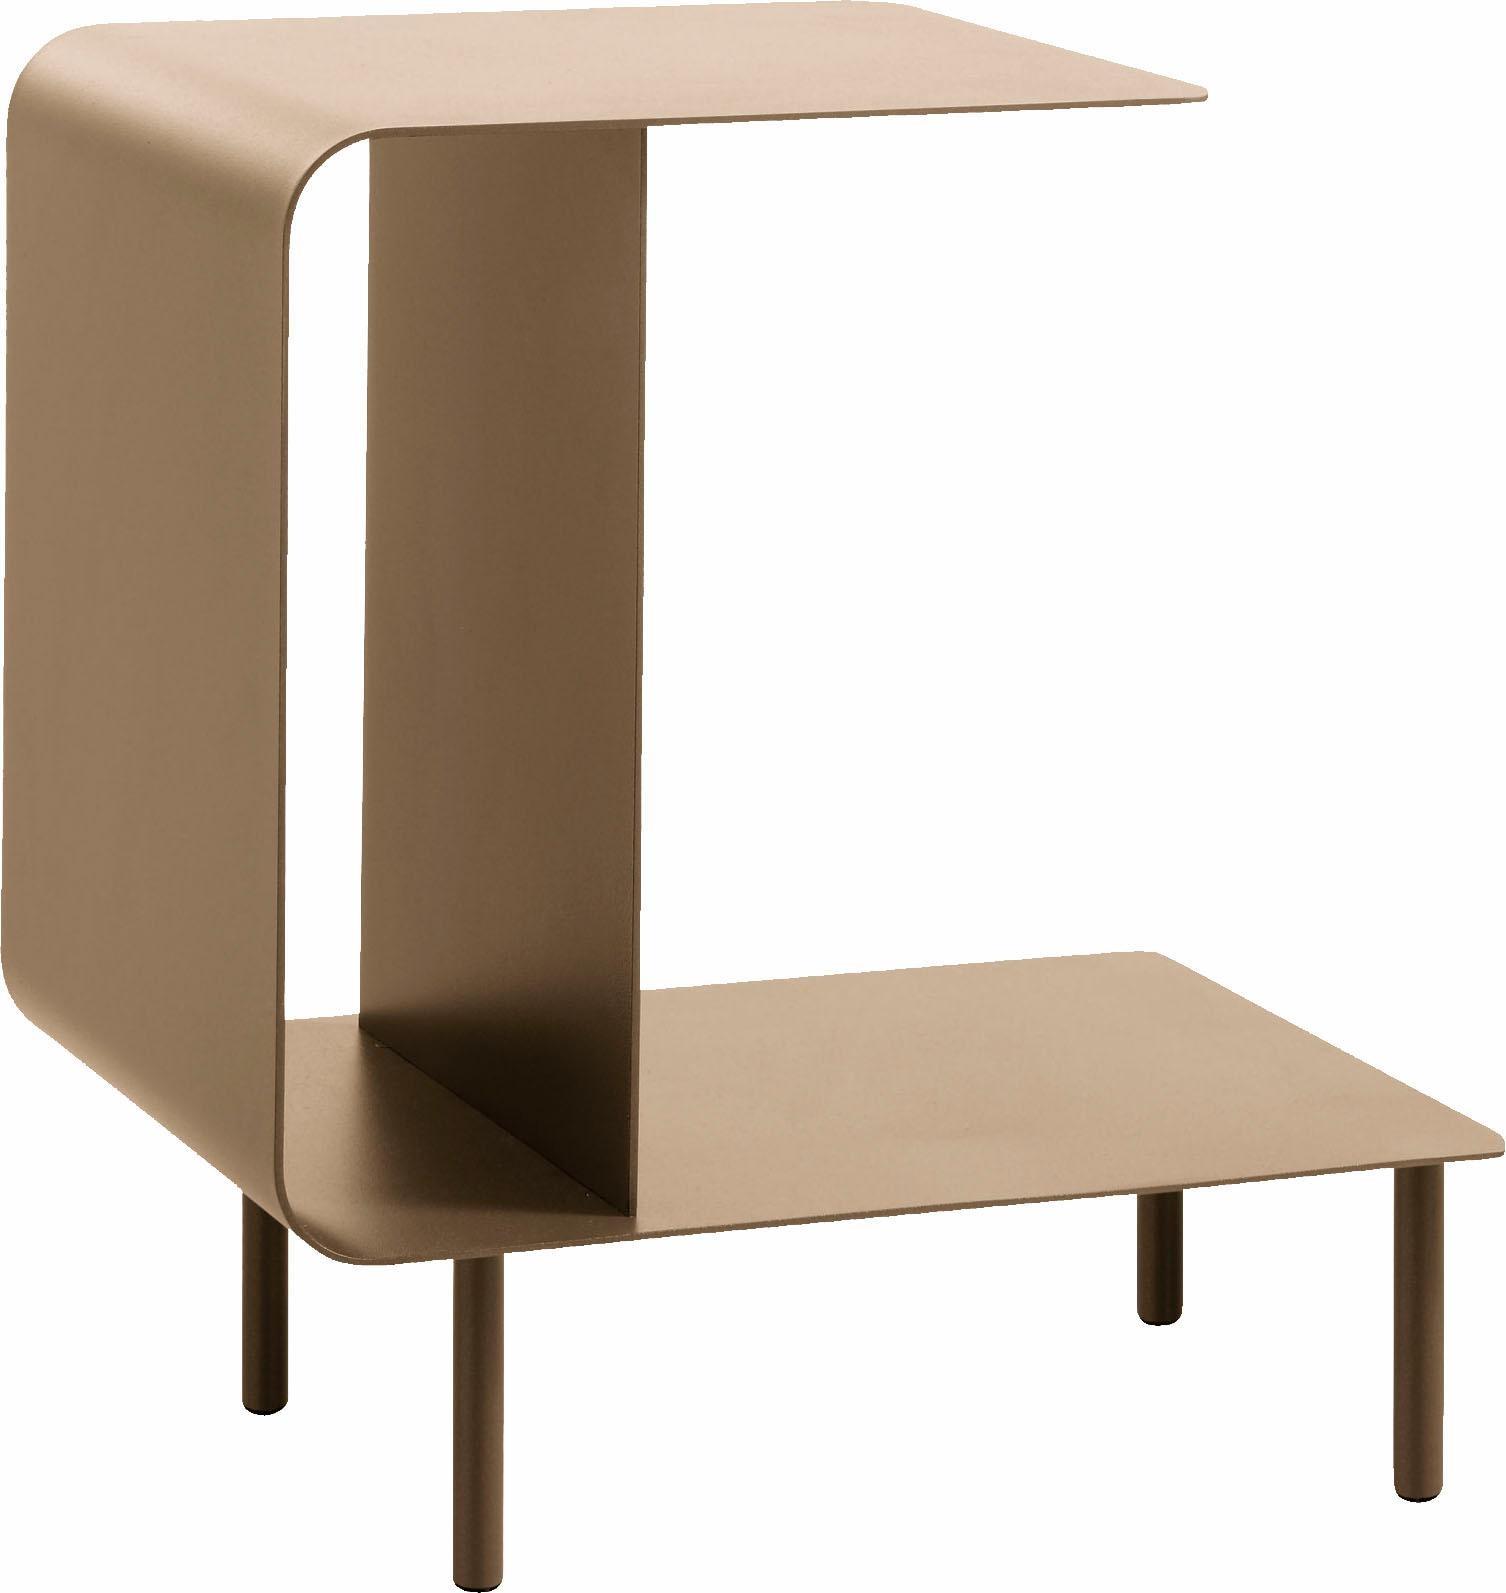 hülsta Beistelltisch MULTI -VARIS 03, aus Metall, Höhe 52 cm rosa Beistelltische Tische